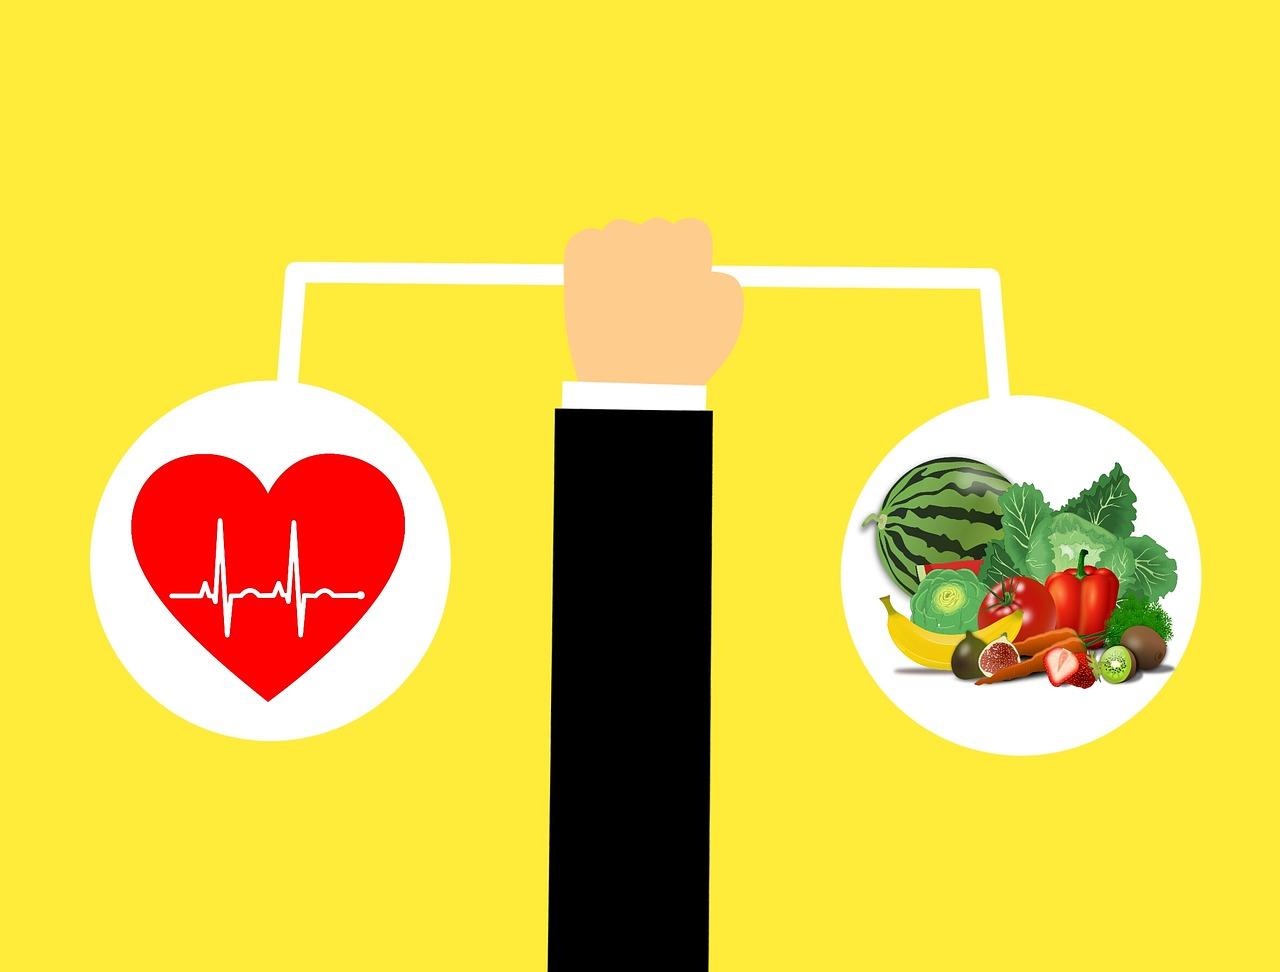 Vérnyomás-harmonizálás étrenddel és mozgással - egészségőrző tippek